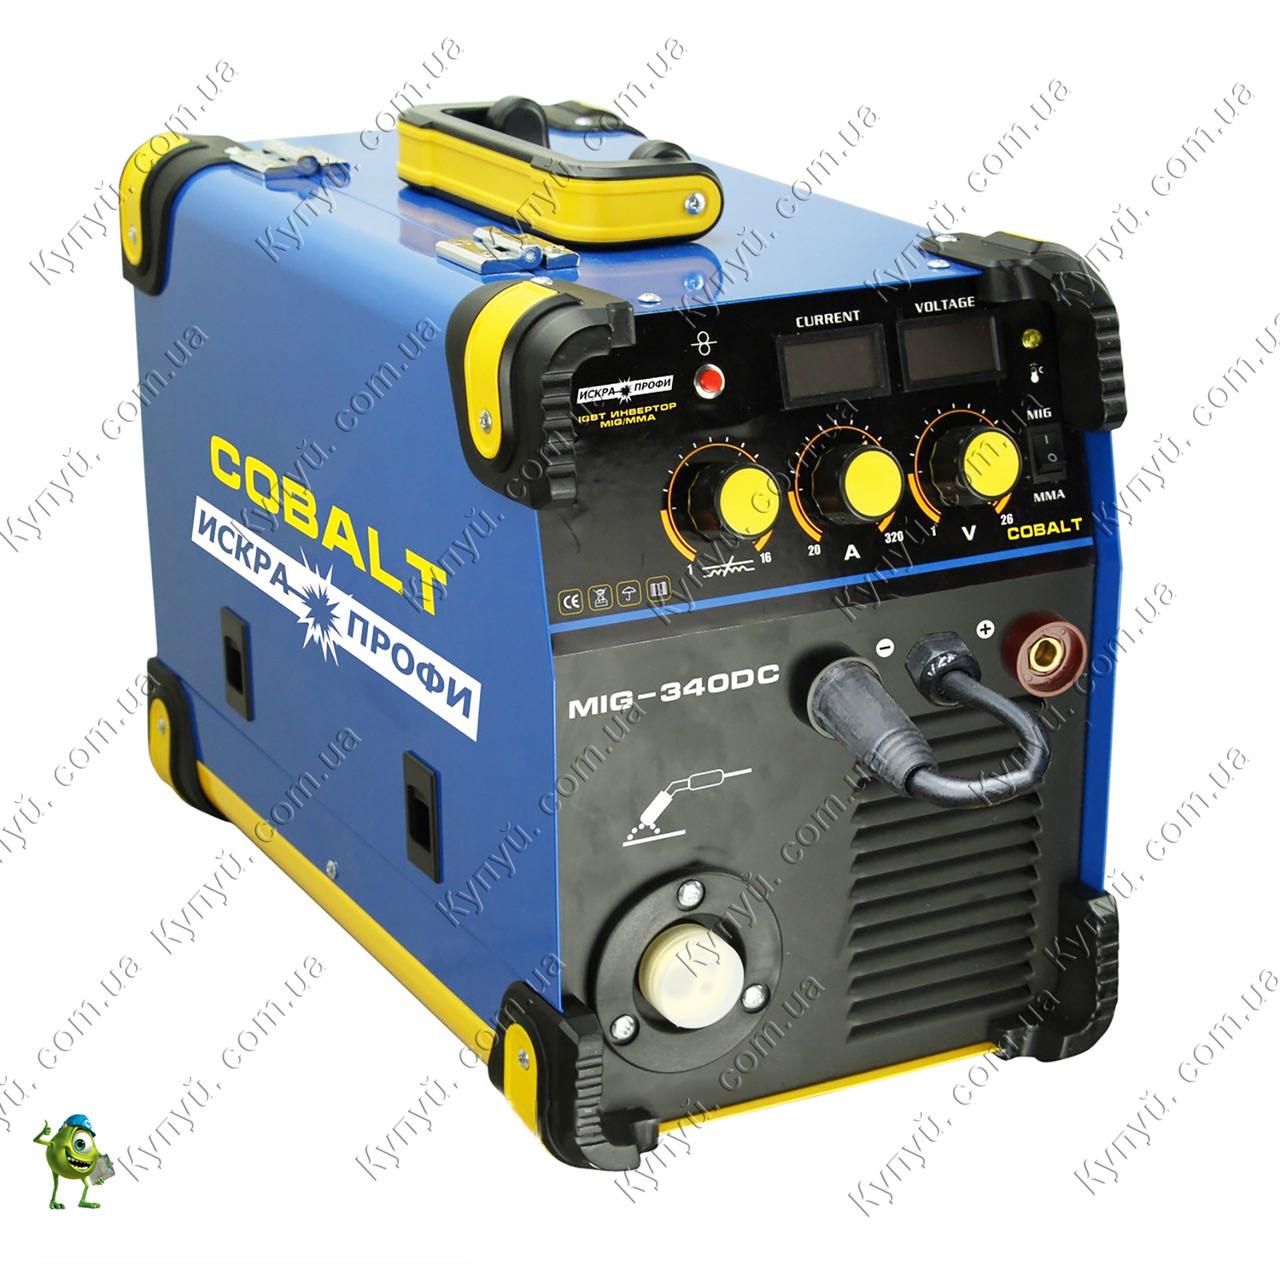 Сварочный инвертор полуавтомат Искра-Профи Cobalt MIG-340DC